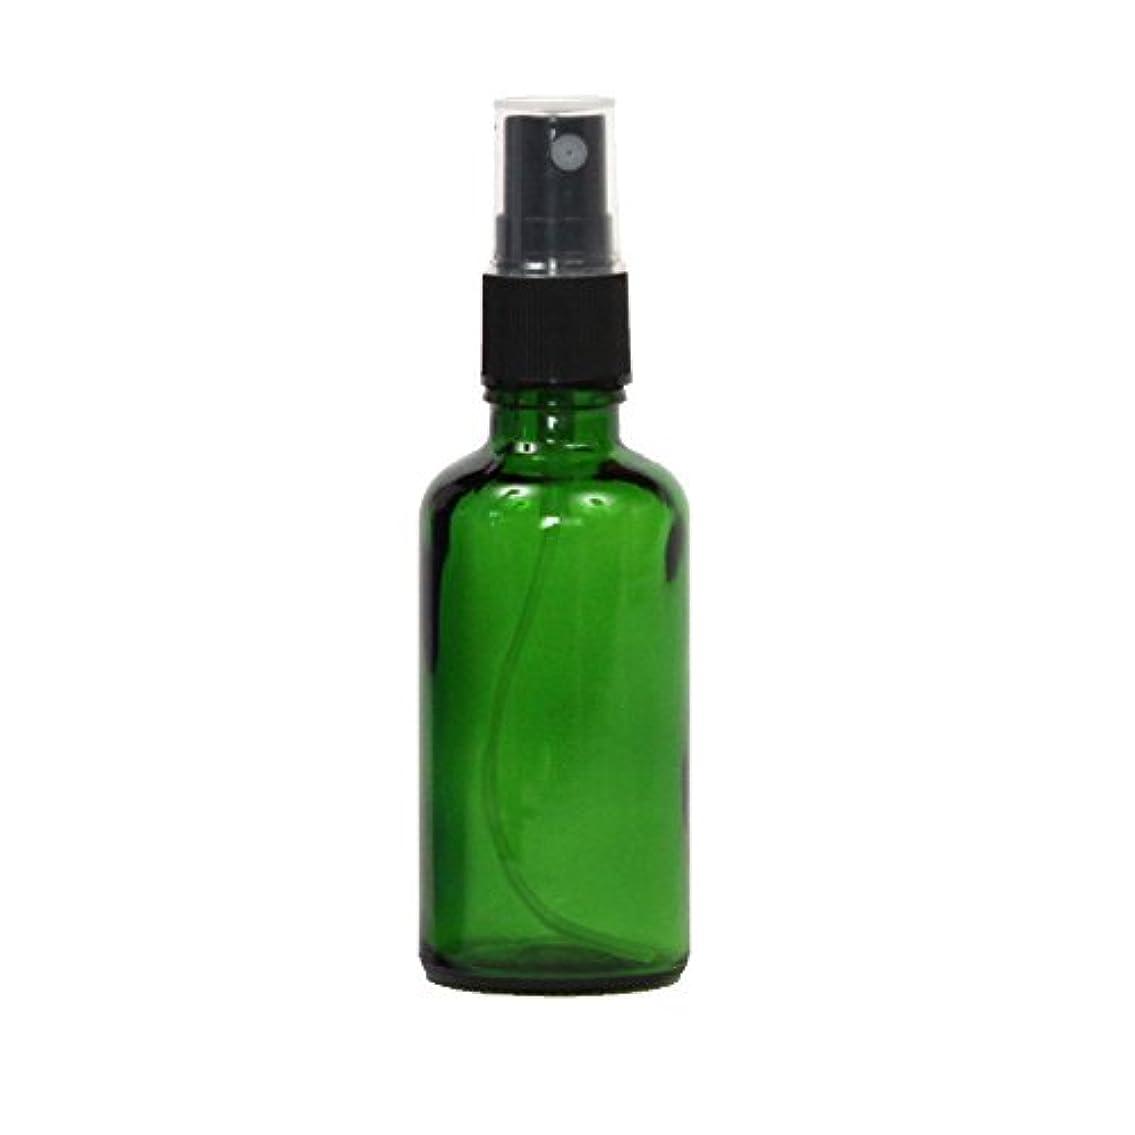 薬理学壊れたライフルスプレーボトル容器 ガラス瓶 50mL 遮光性グリーン ガラスアトマイザー 空容器gr50g